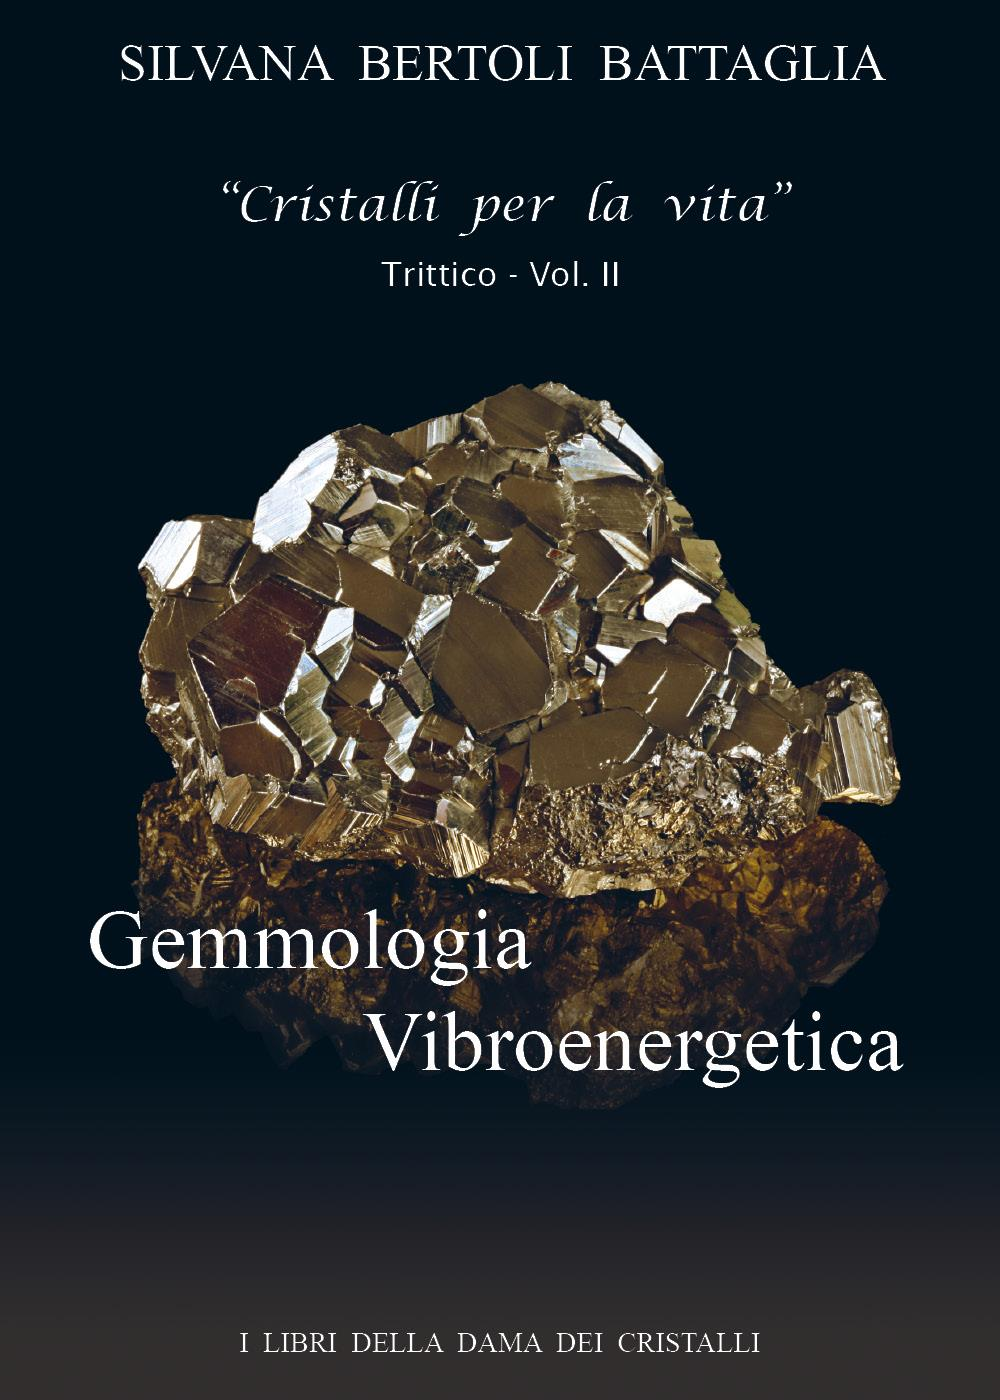 Gemmologia Vibroenergetica- vol. II